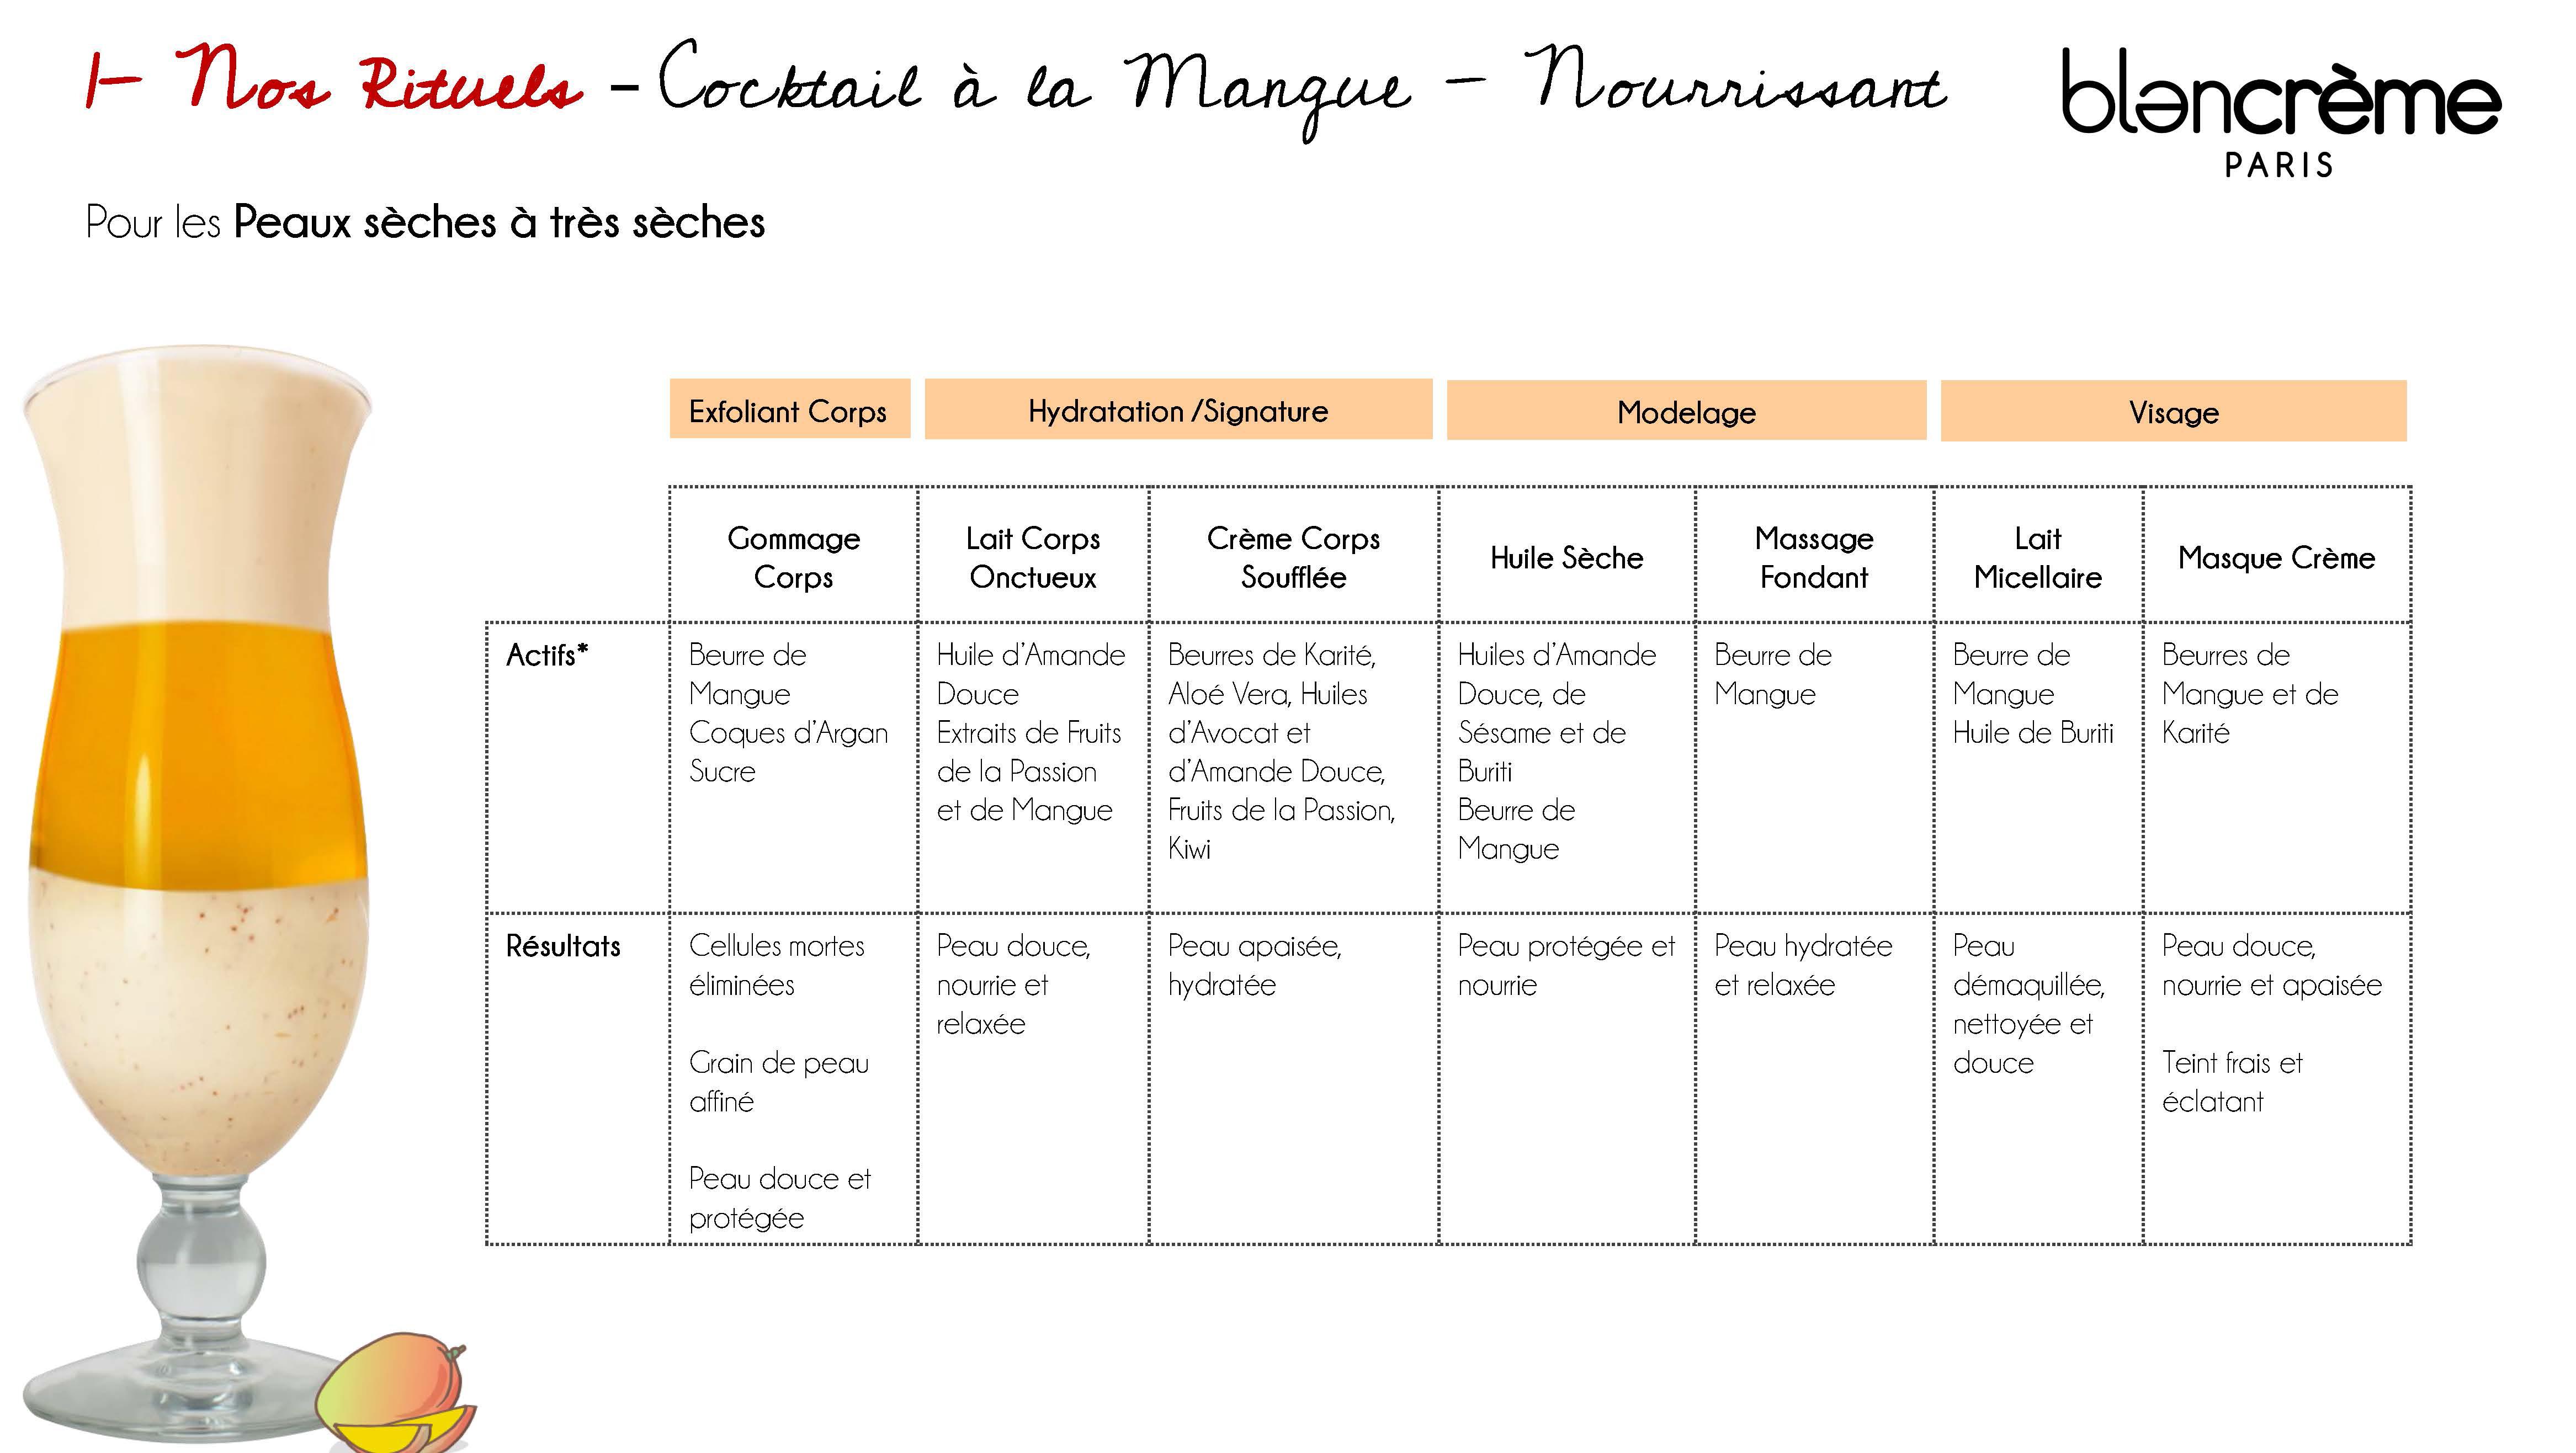 Rituel Blancreme Montpellier Antigone Sète à la mangue